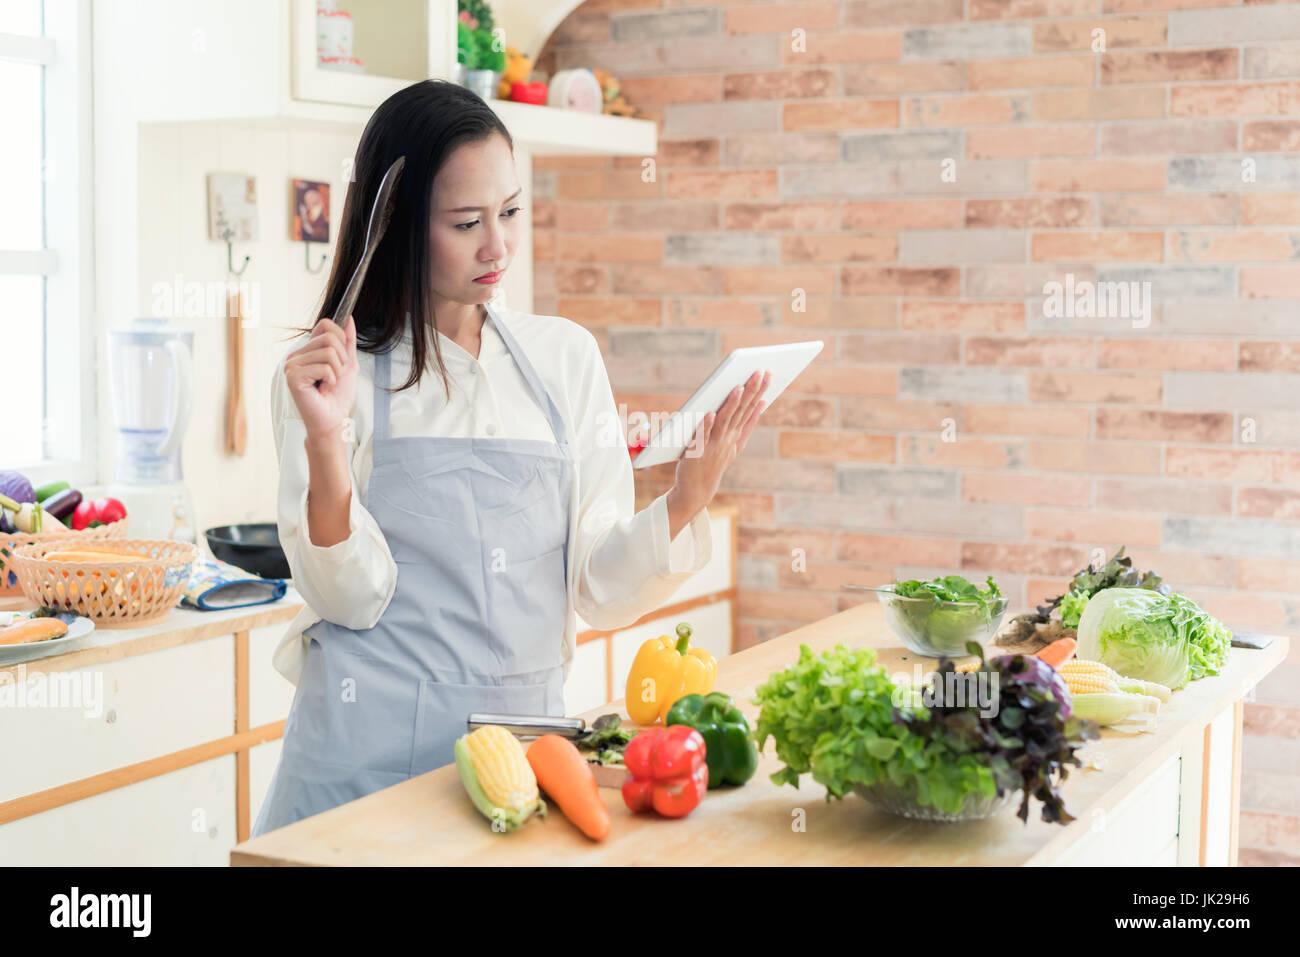 Jeune femme asiatique gaie est la cuisson dans la cuisine avec joie. Elle est debout et holding digital tablet de Photo Stock